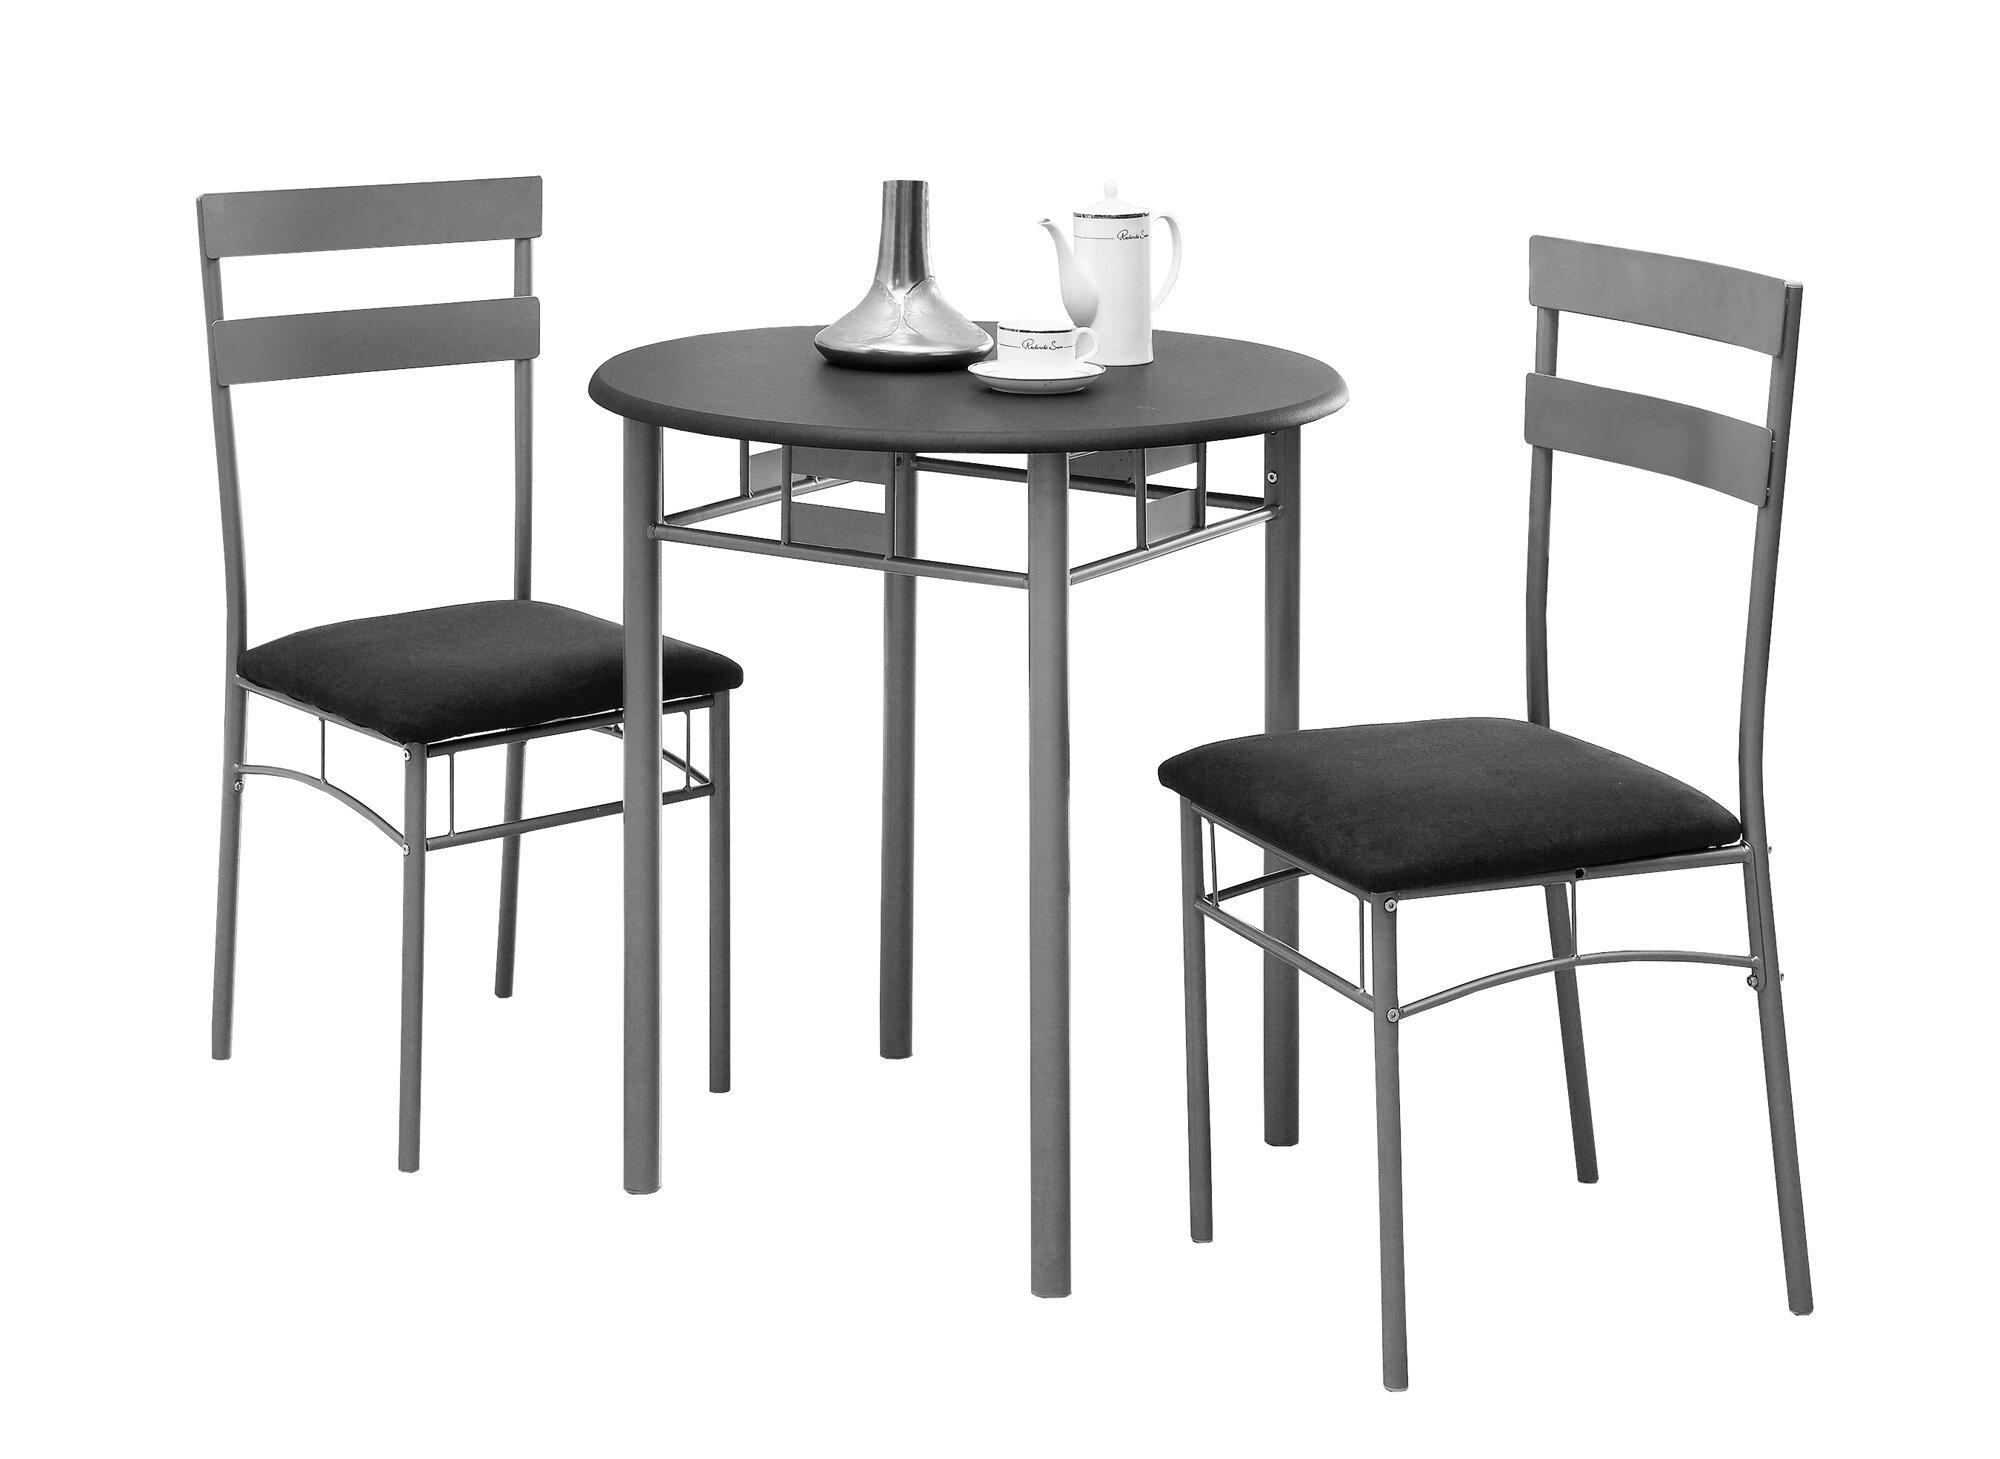 Delicieux Andover Mills Arnott 3 Piece Dining Set III U0026 Reviews | Wayfair